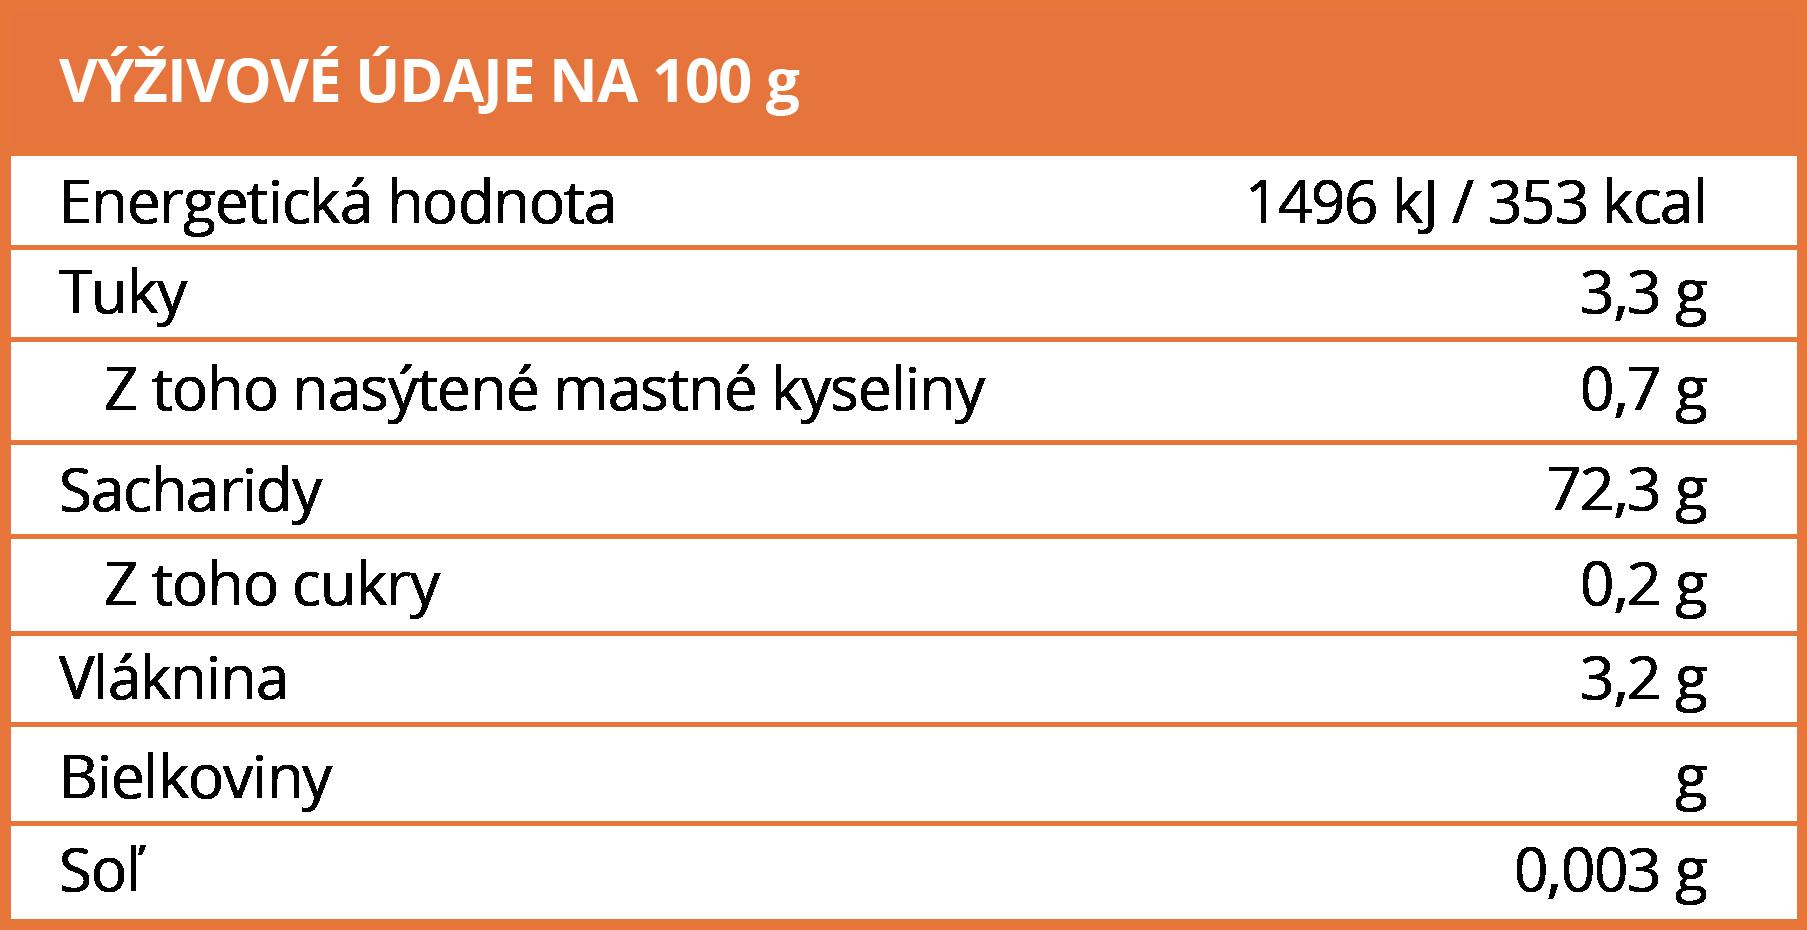 Výživové hodnoty BrainMax Pure Rýže - hnědá, dlouhá BIO, 1kg - BrainMarket.cz